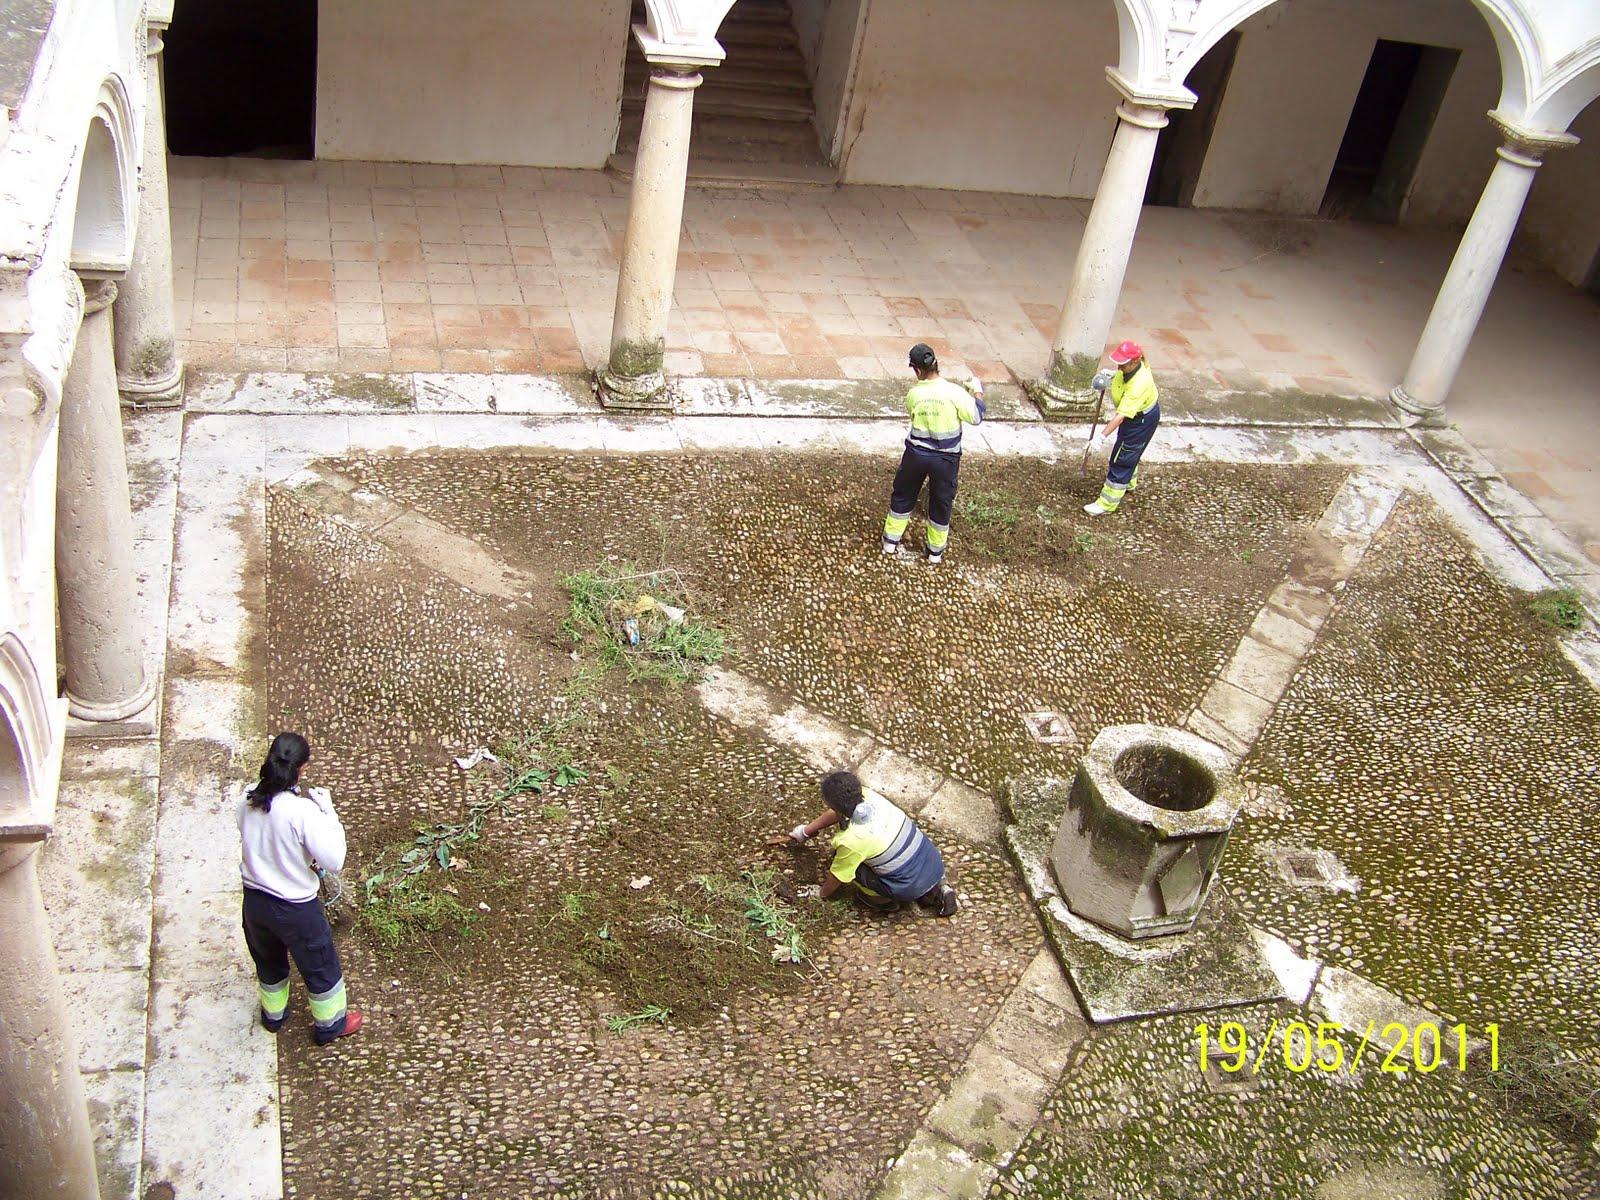 Todo tembleque limpieza del patio de la casa de las torres - Limpieza en casa ...